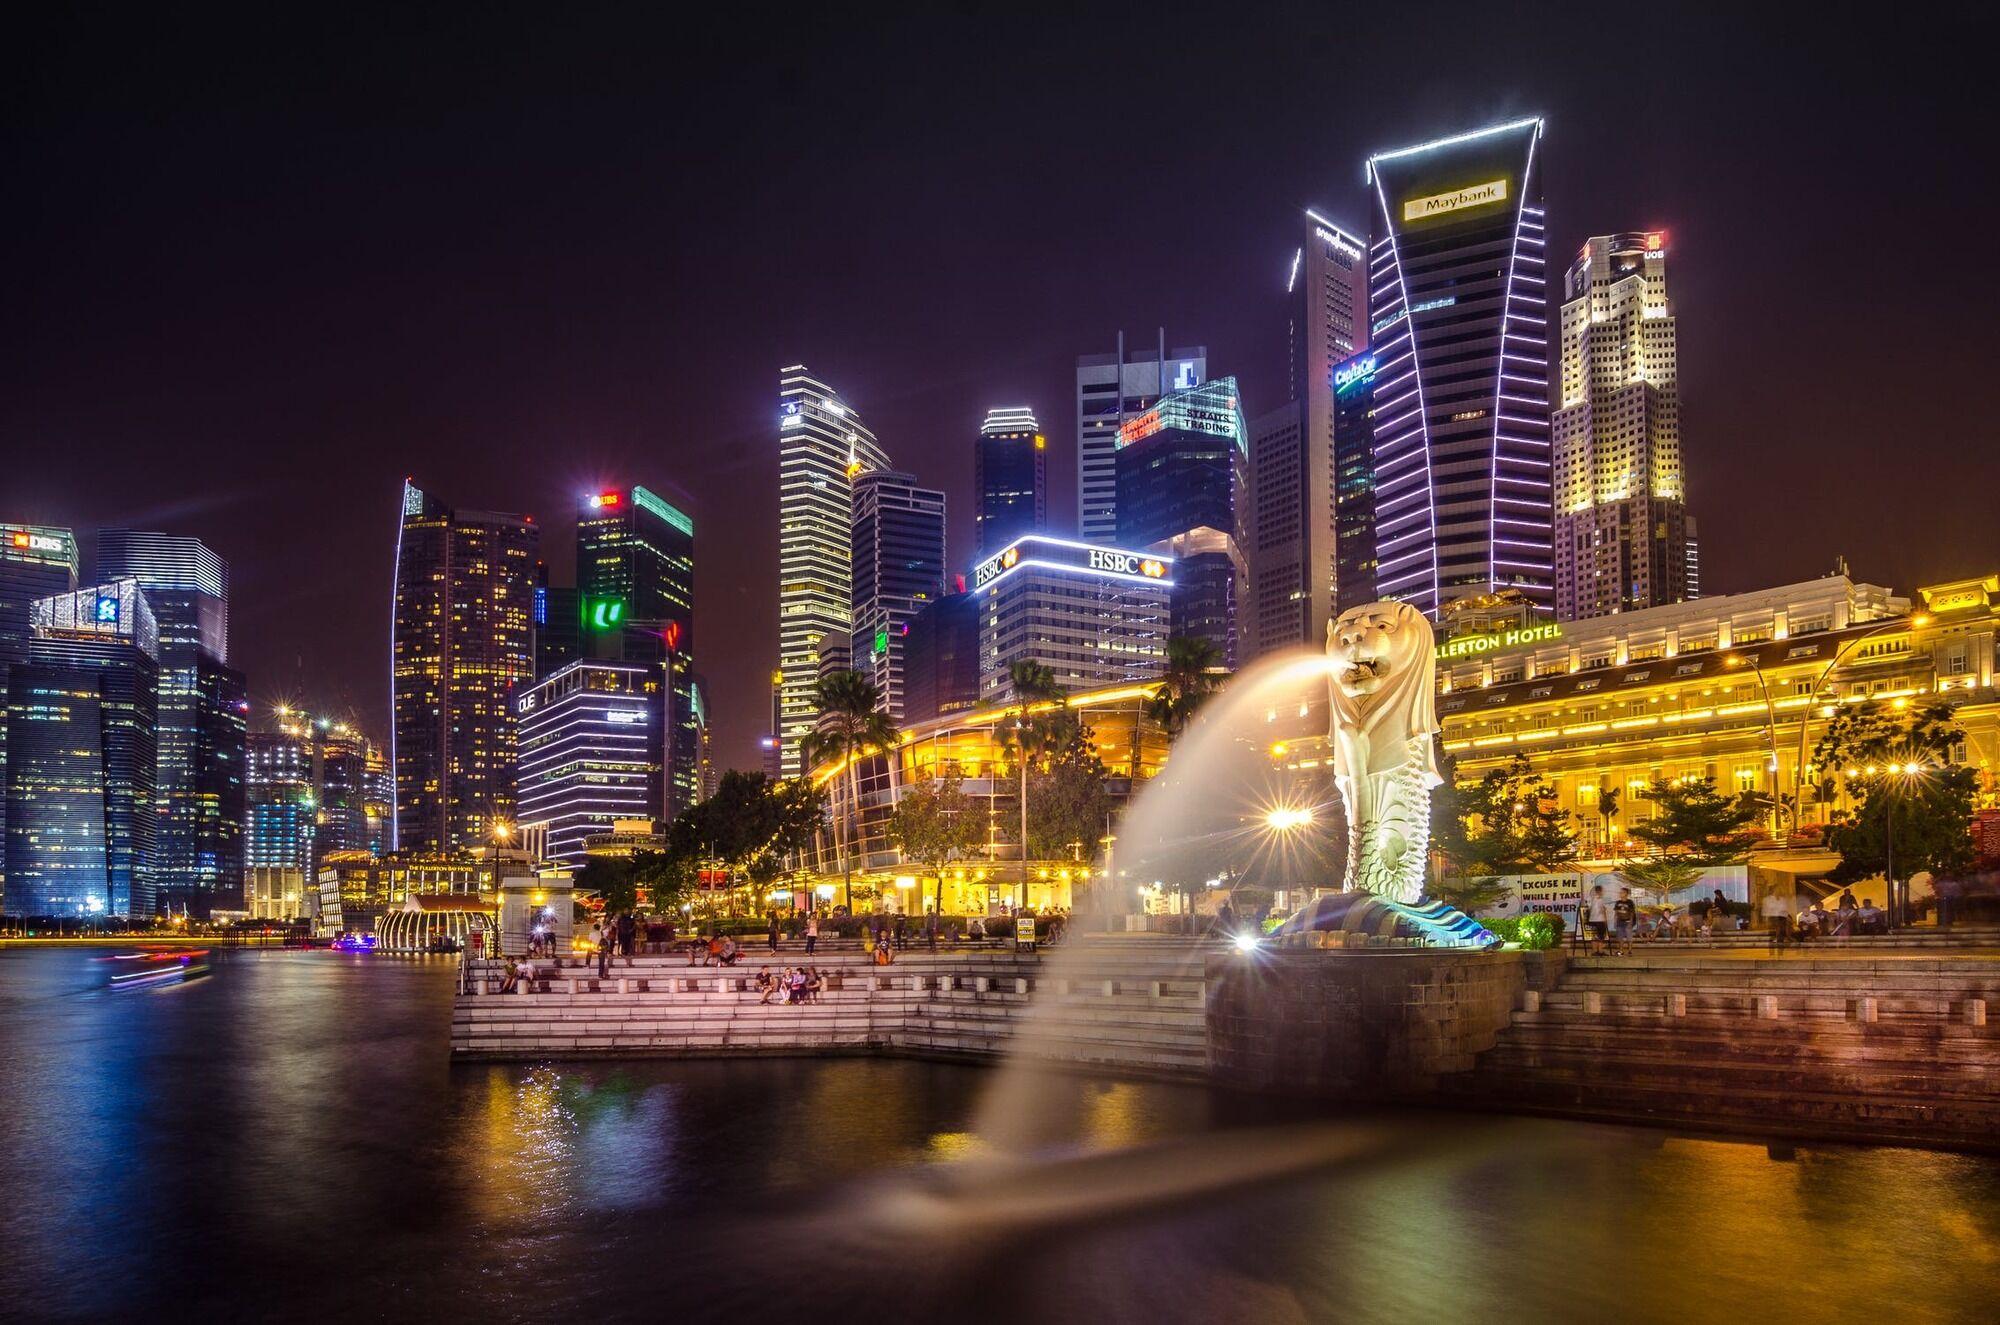 В Сингапуре действуют очень строгие законы.